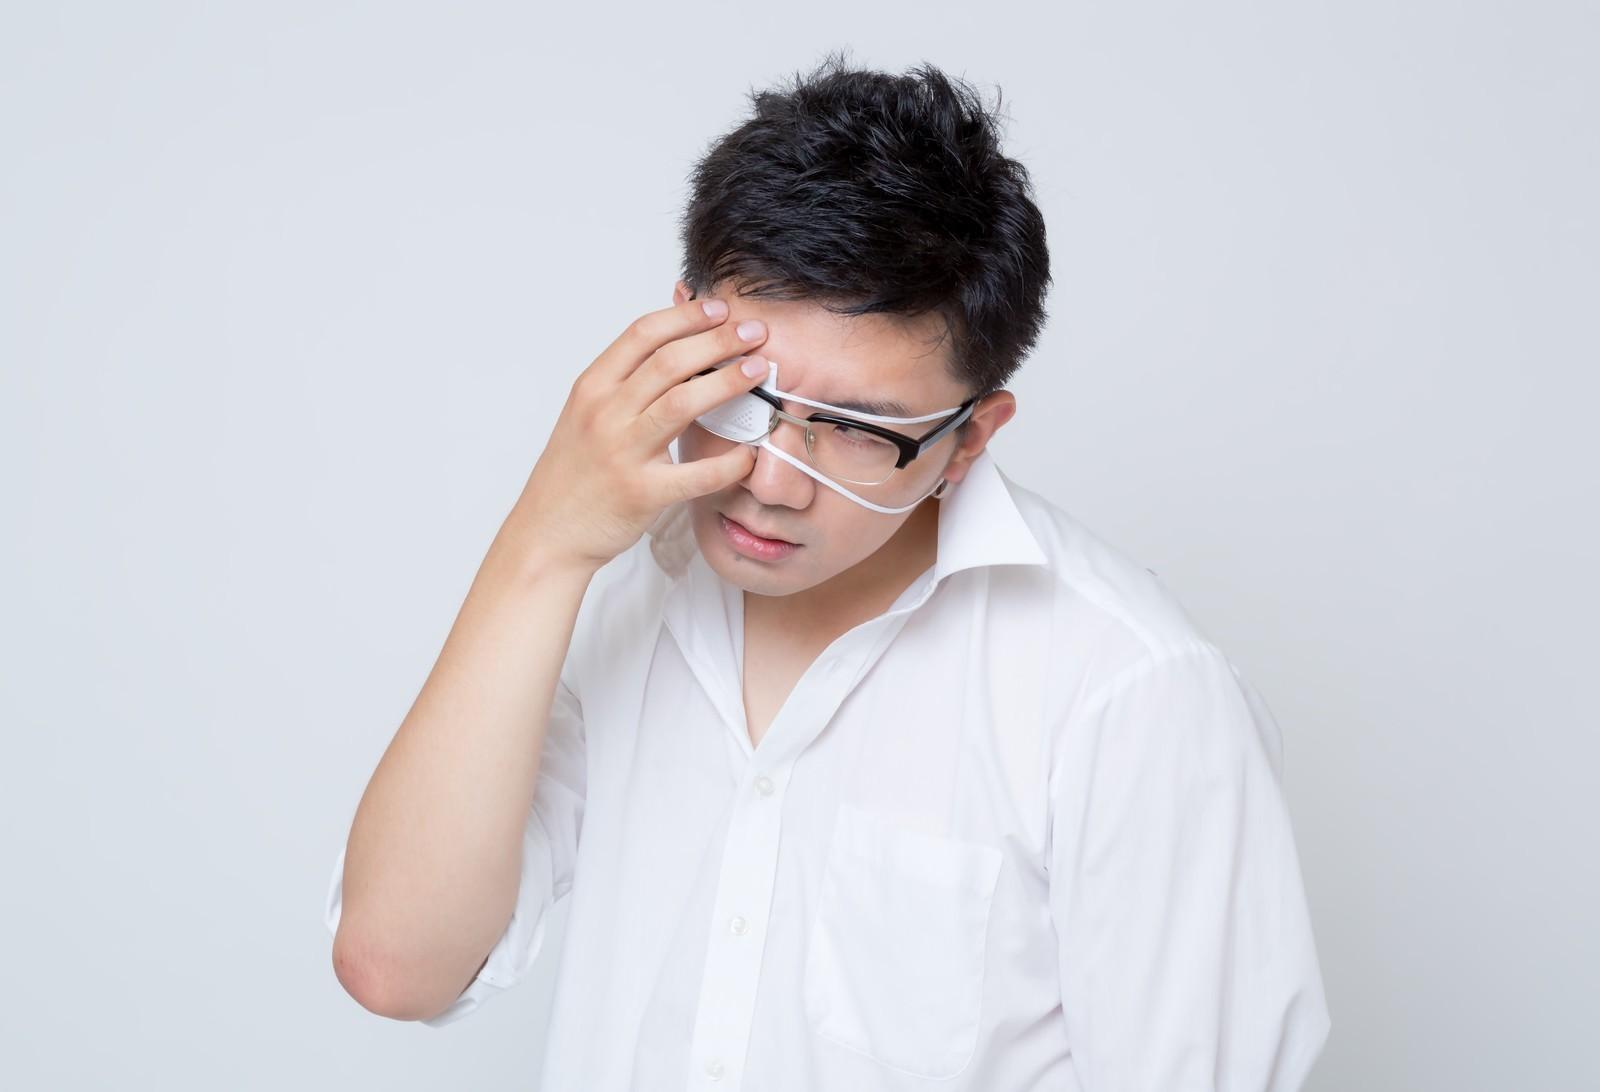 ▲▼眼睛受傷,瞎眼,針眼,眼睛感染,車禍(圖/取自免費圖庫Pakutaso)